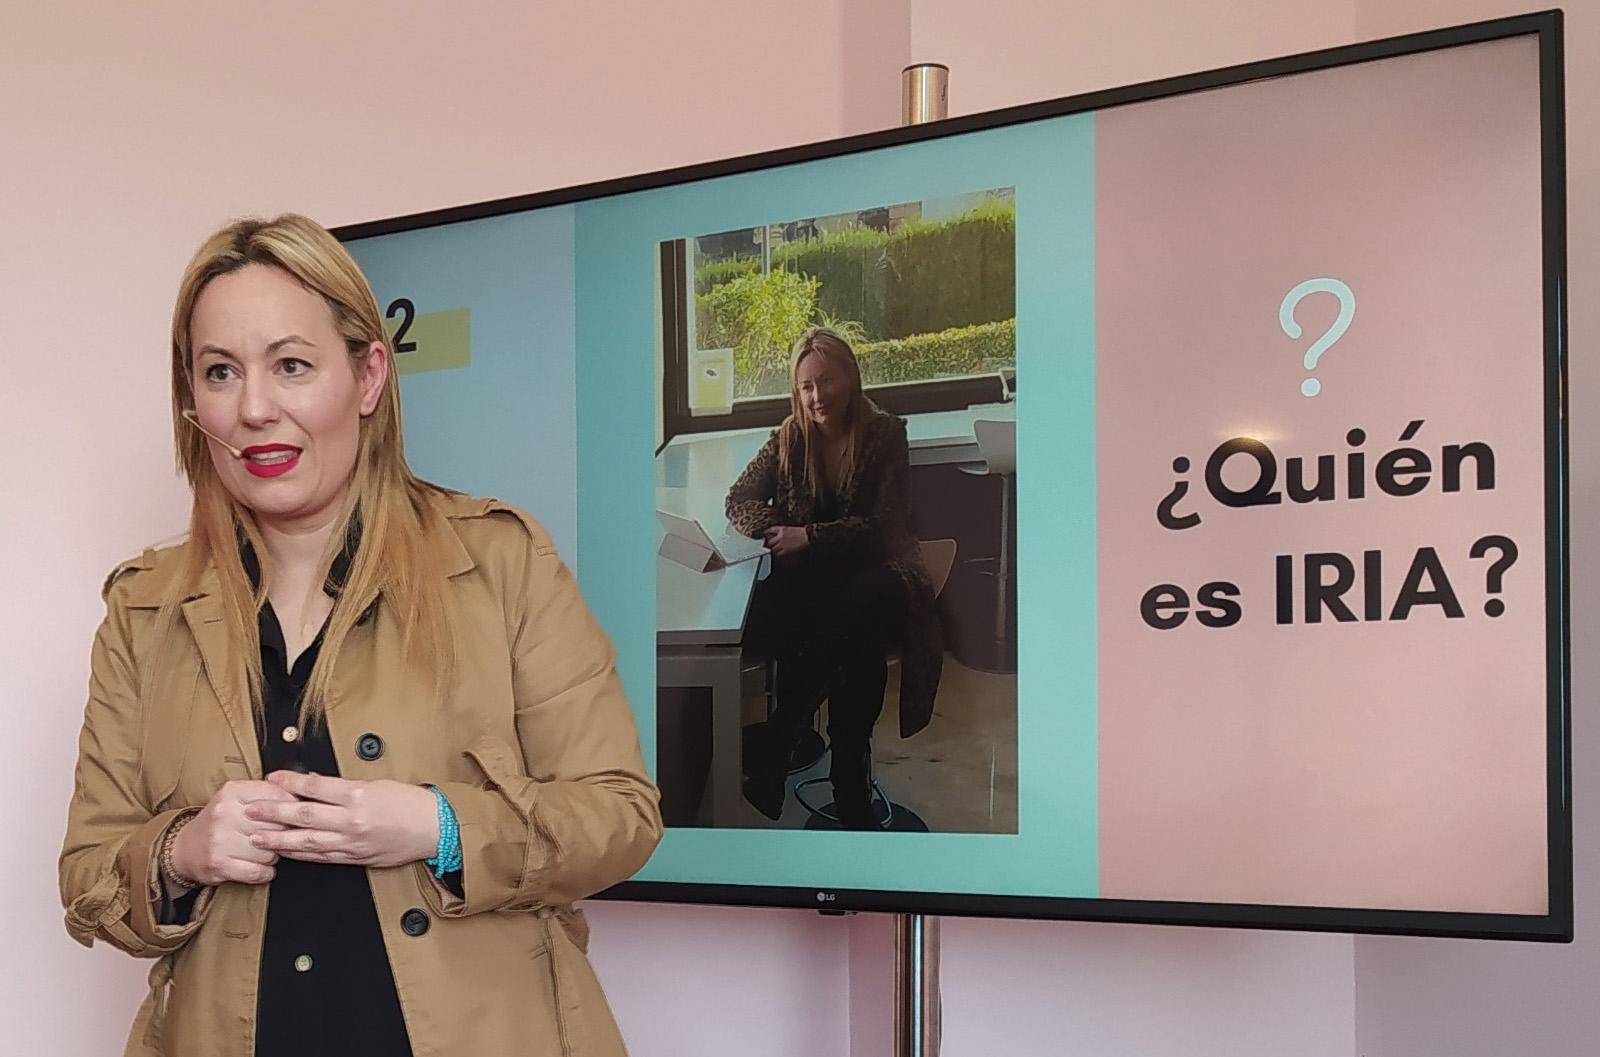 Una gallega ayuda a las pymes gallegas con un consultorio digital que triunfa en las redes